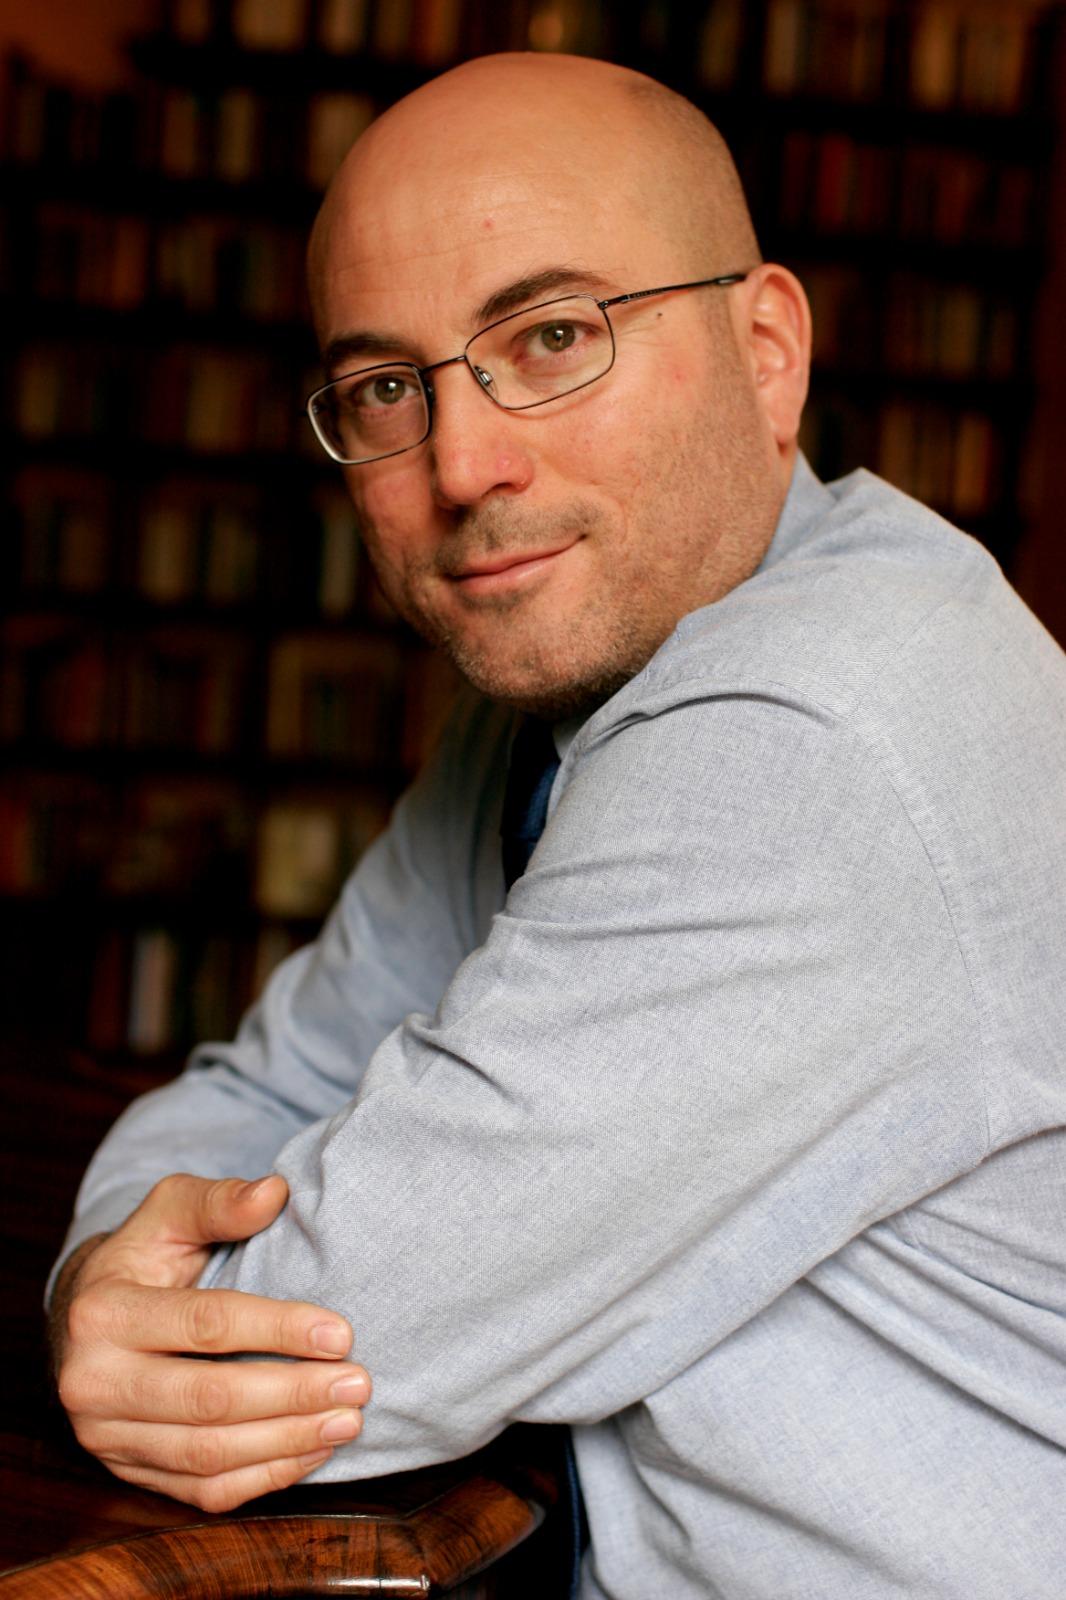 Aldo Cazzullo domani alle 19 firma libri in viale Garibaldi